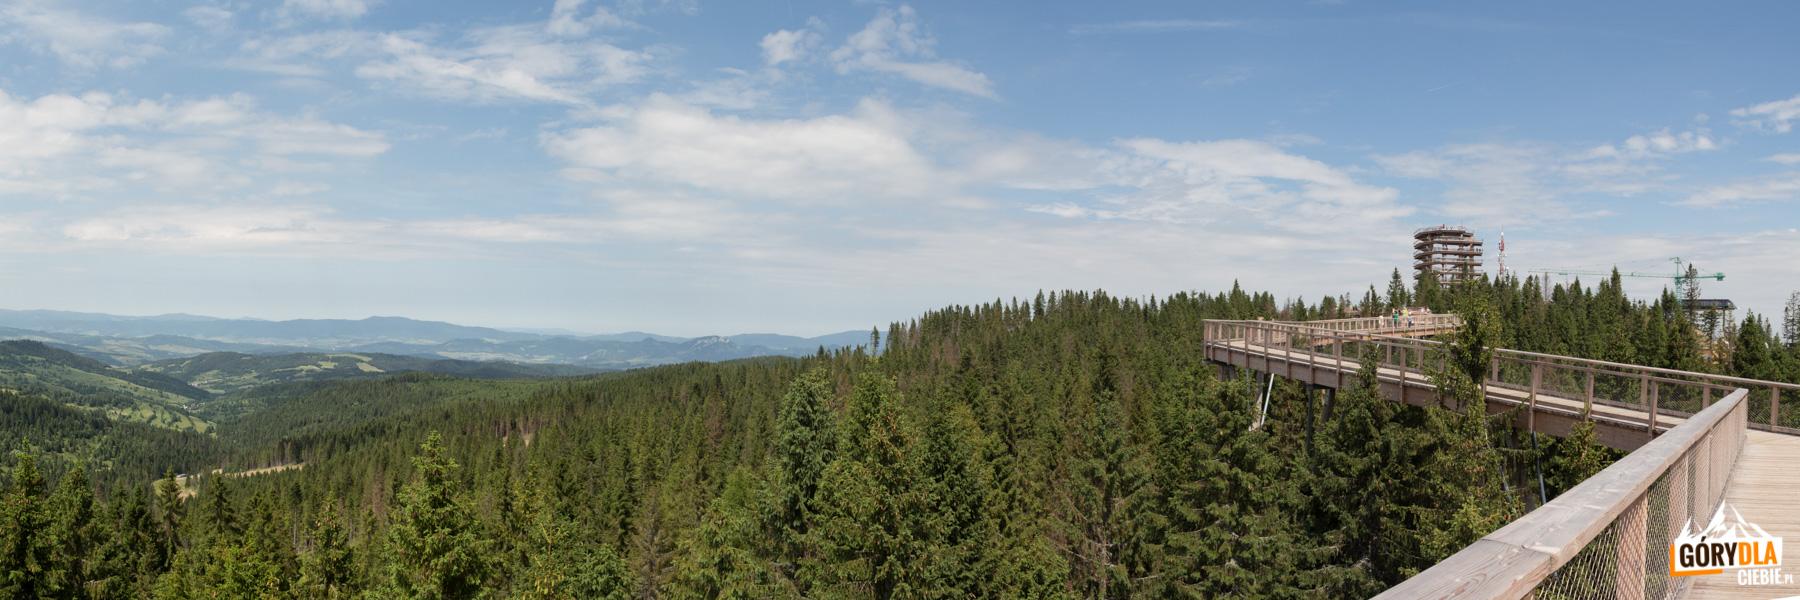 """Widok wzdłuż """"Ścieżki wśród koron drzew"""", a na horyzoncie Gorce"""